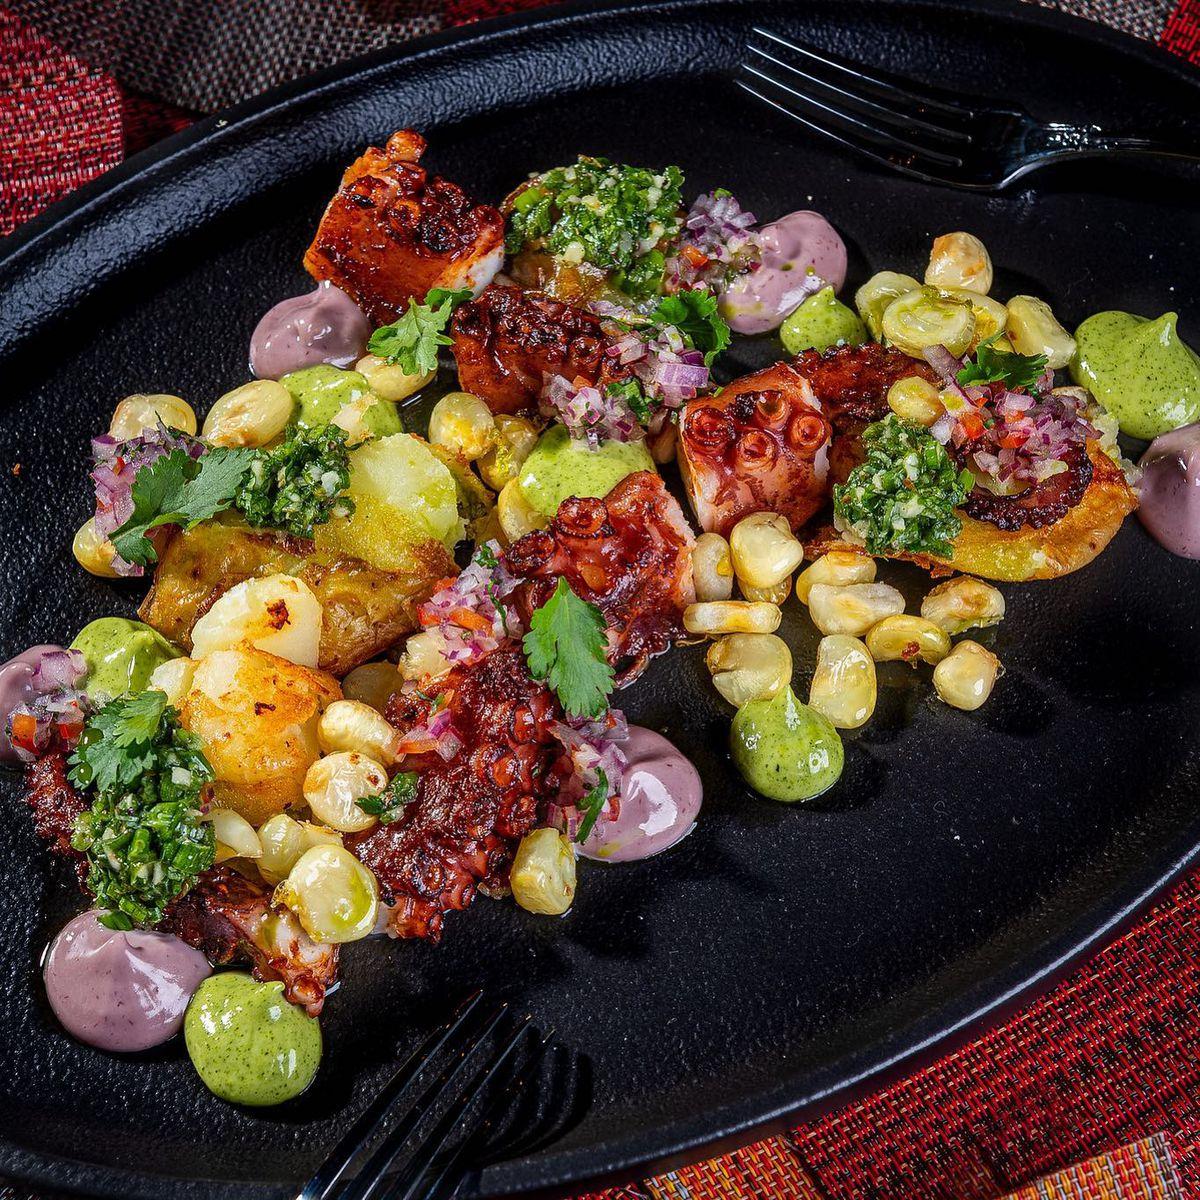 A Criollo octopus dish from Causa chef Carlos Delgado